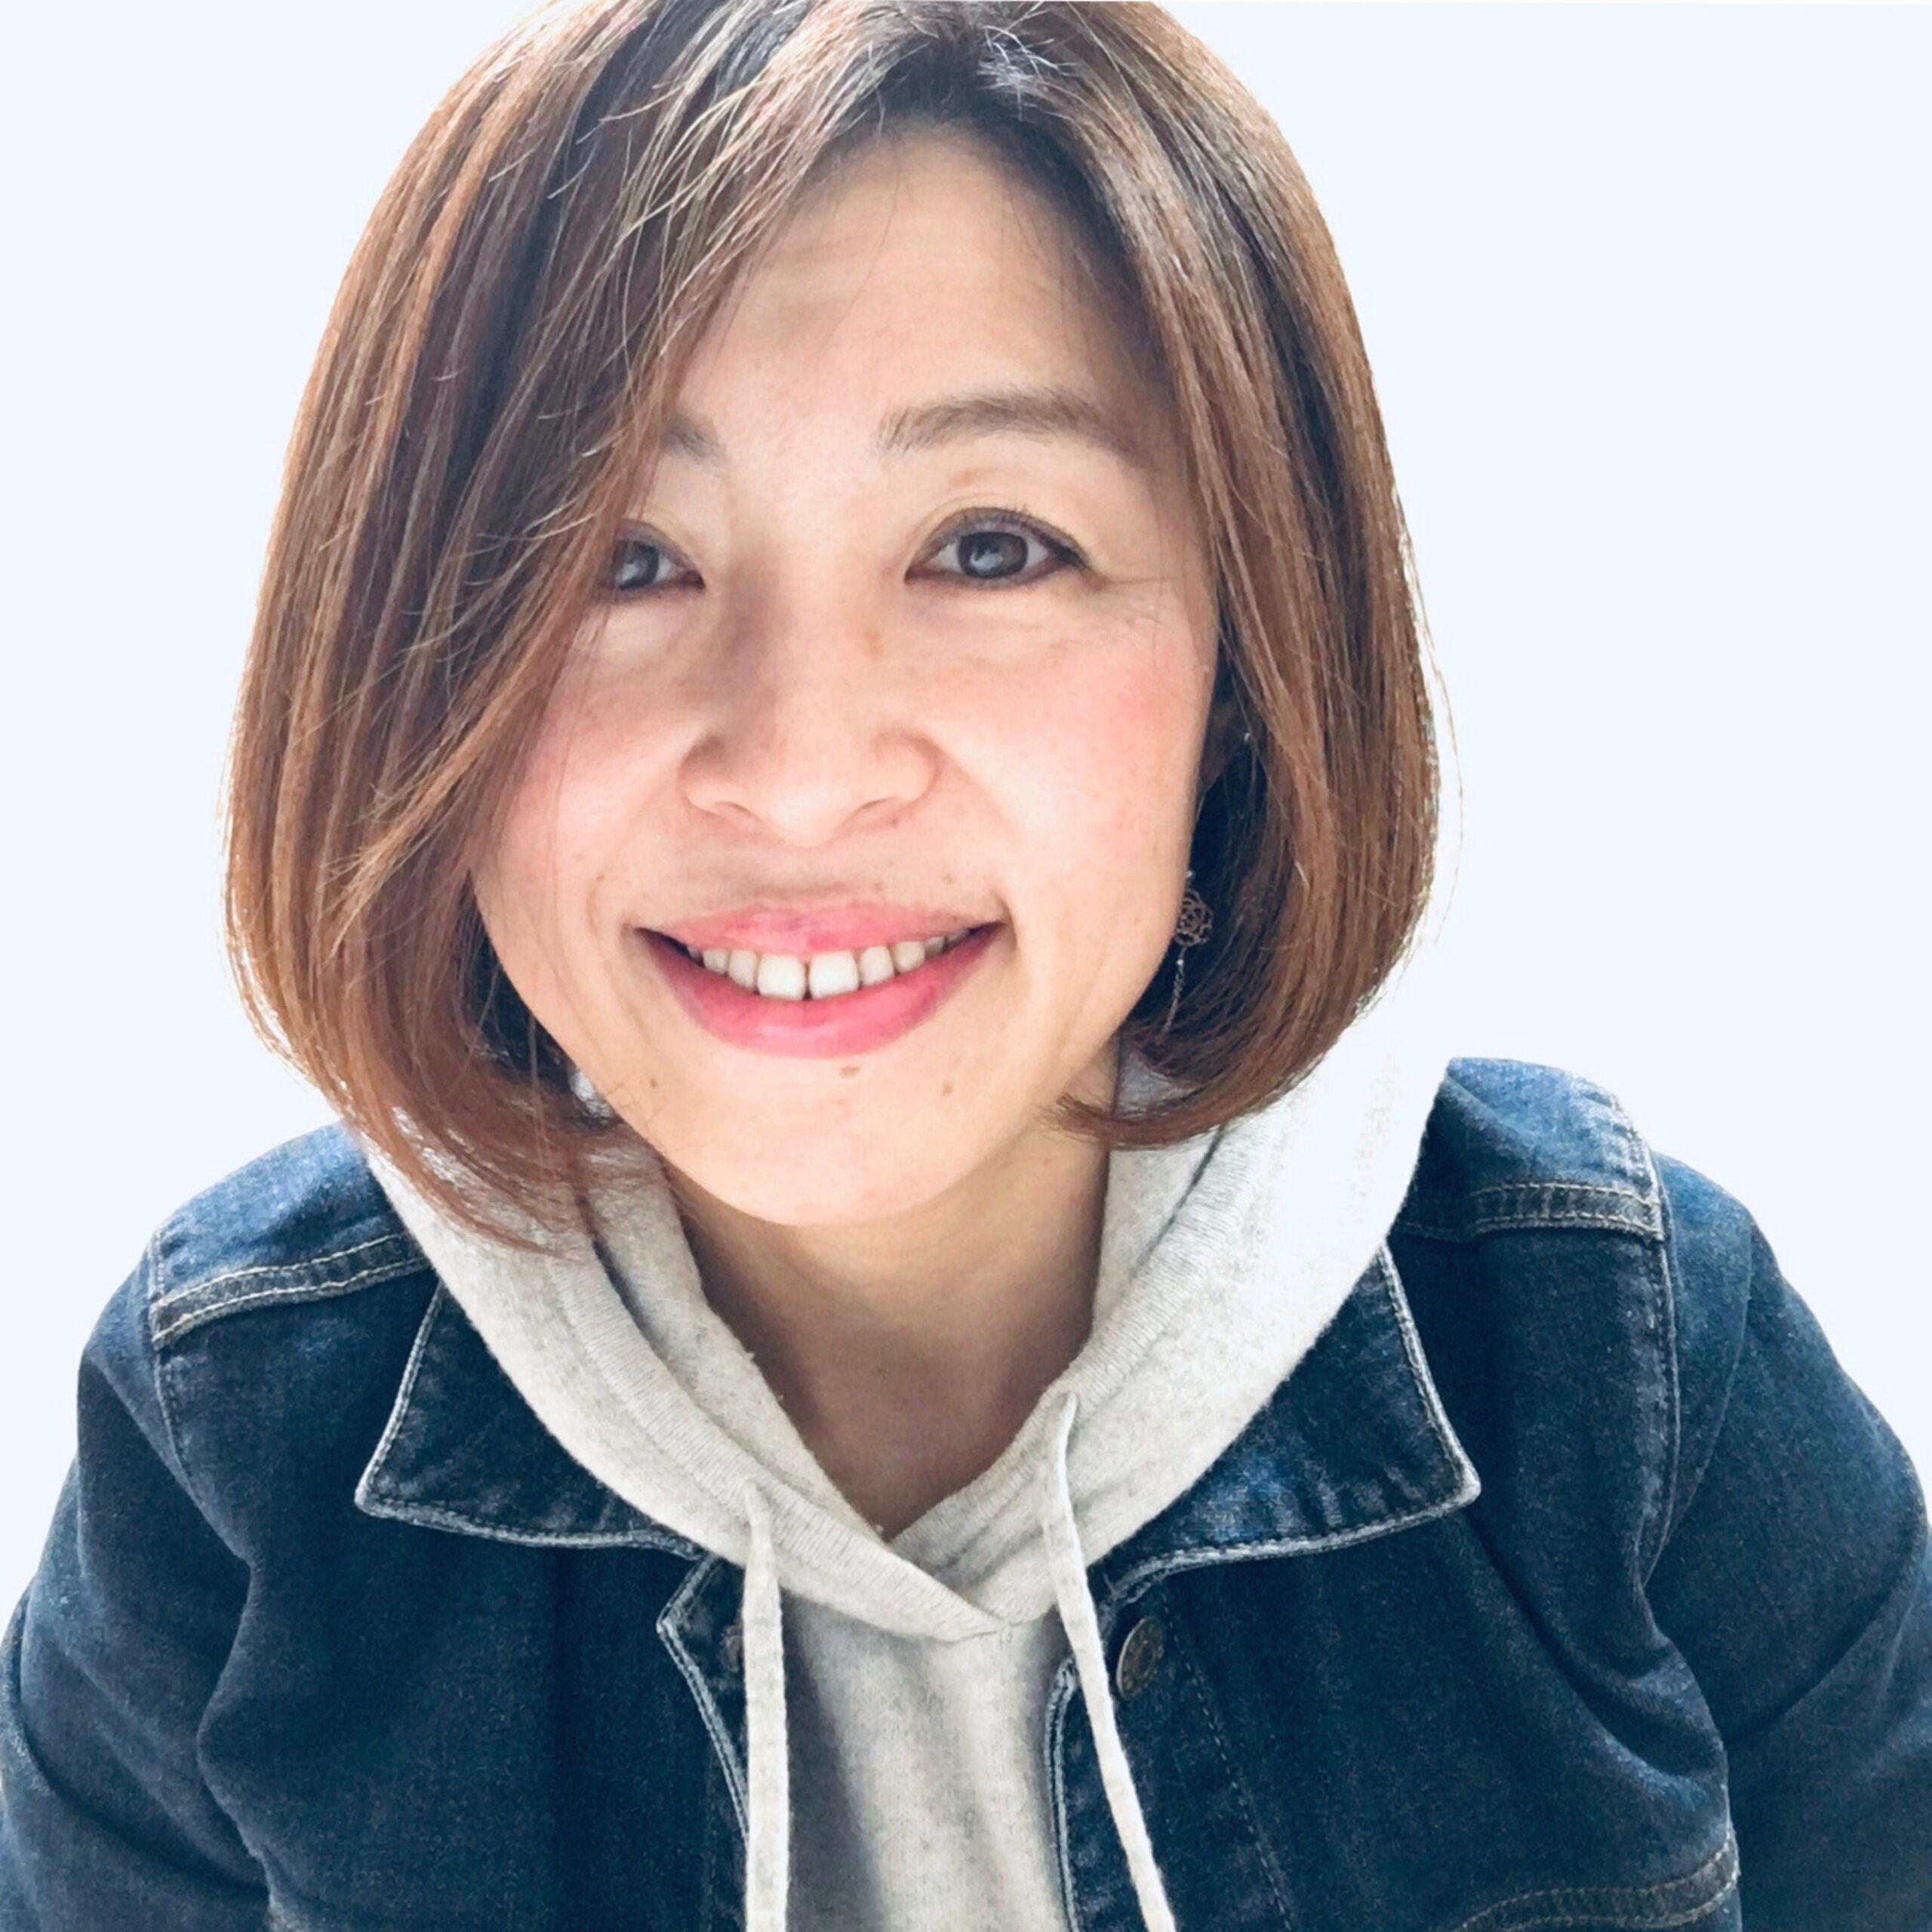 小松 美香(こまつ みか)